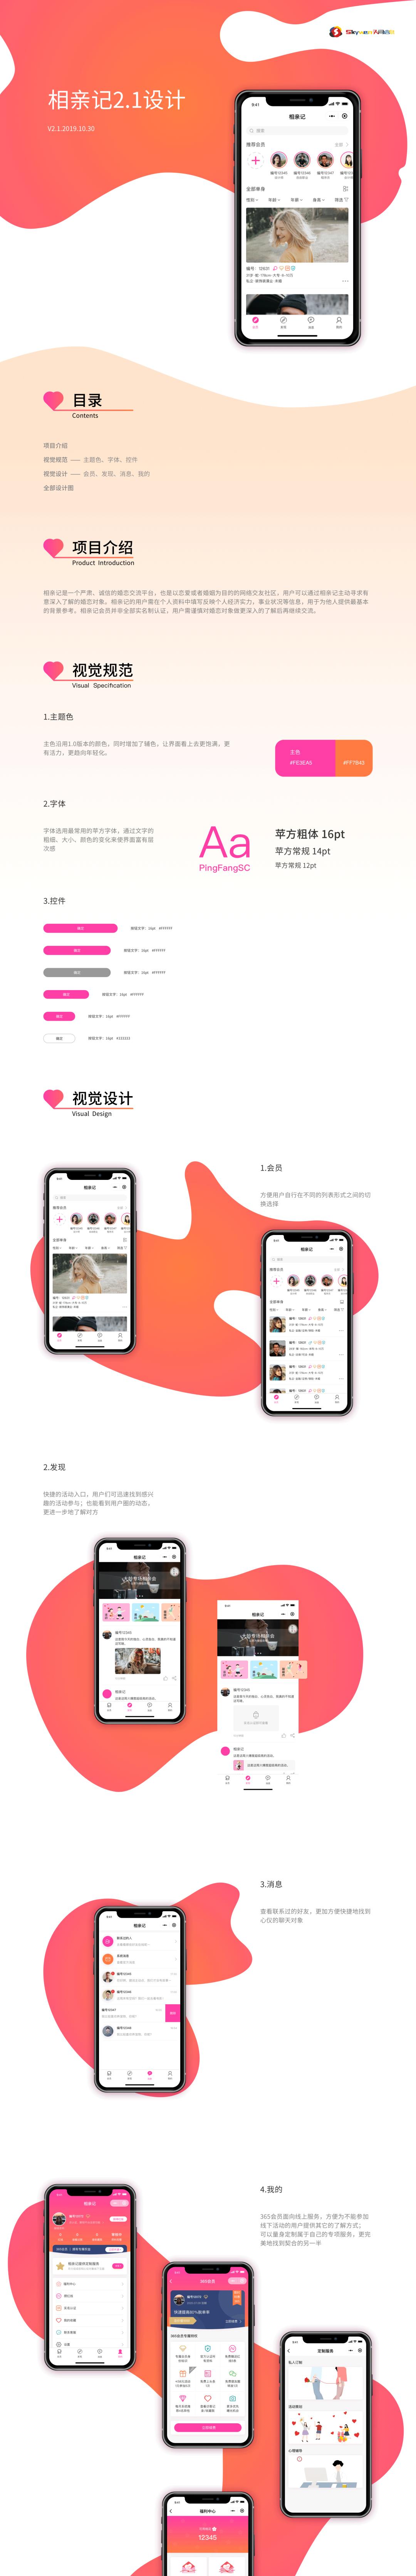 2020.01.06 - 产品案例丨相亲记V2.1.2019.10.30-天问信息博客平台